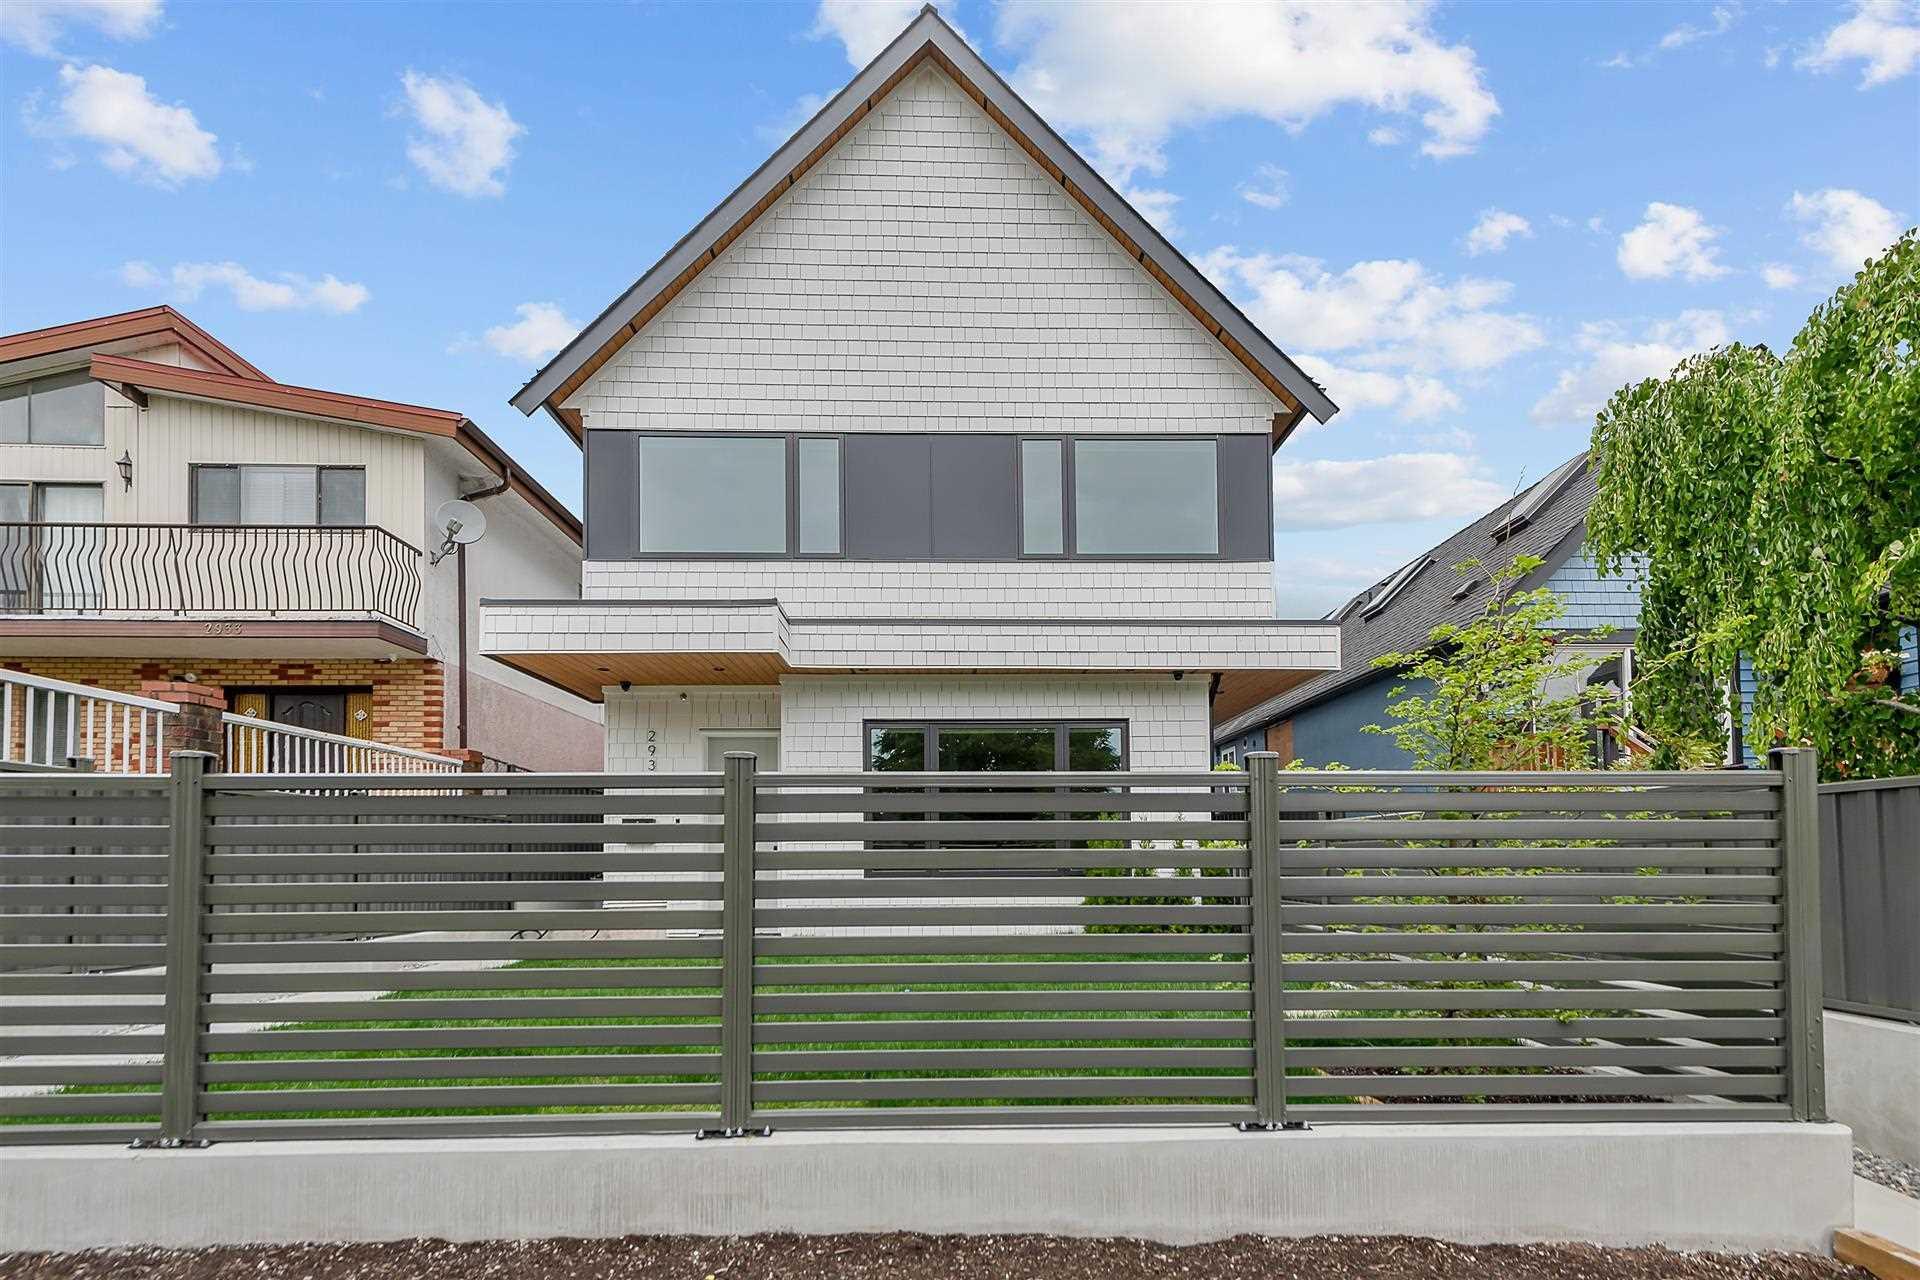 2937 TURNER STREET - Renfrew VE 1/2 Duplex for sale, 3 Bedrooms (R2595058) - #1